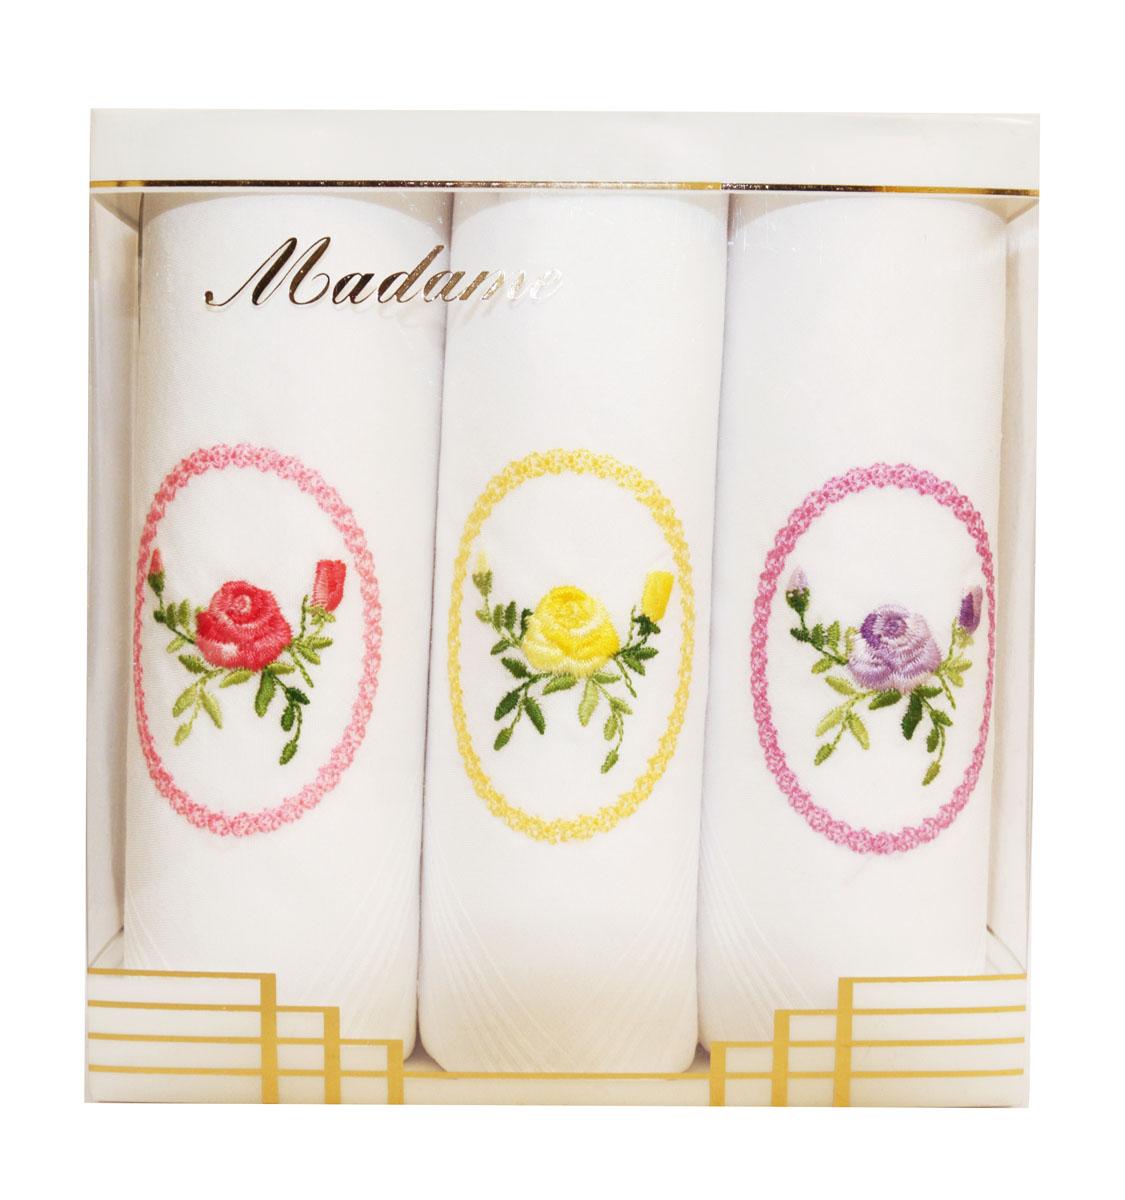 06601-8 Zlata Korunka Носовой платок женский, цвет: мультиколор, 30х30 см, 3 шт06601-8Платки носовые женские в упаковке по 3 шт. Носовые платки изготовлены из 100% хлопка, так как этот материал приятен в использовании, хорошо стирается, не садится, отлично впитывает влагу.